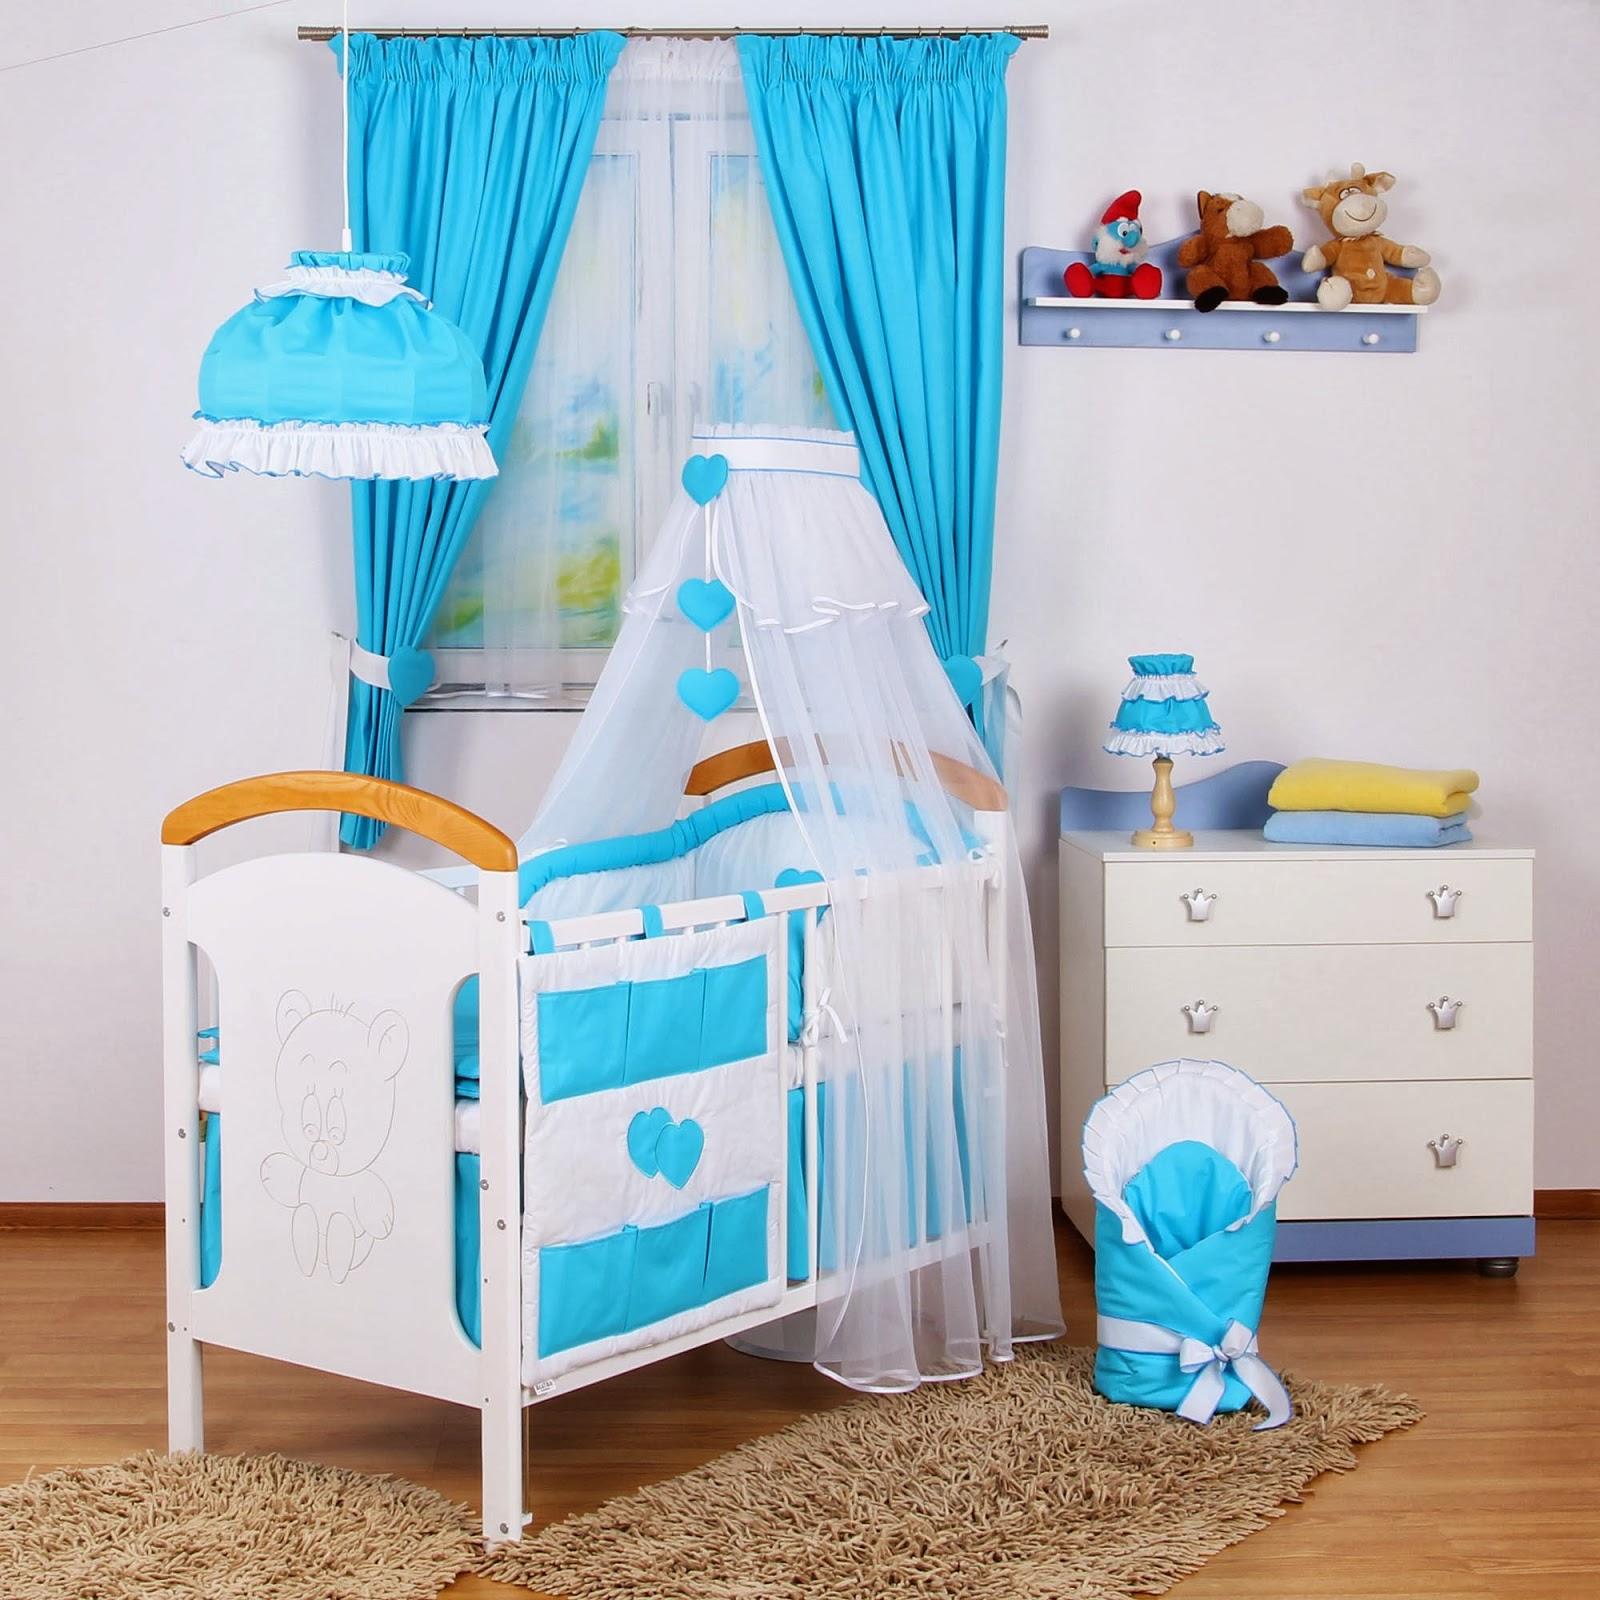 Dormitorios para beb en blanco y turquesa dormitorios - Color paredes habitacion bebe ...